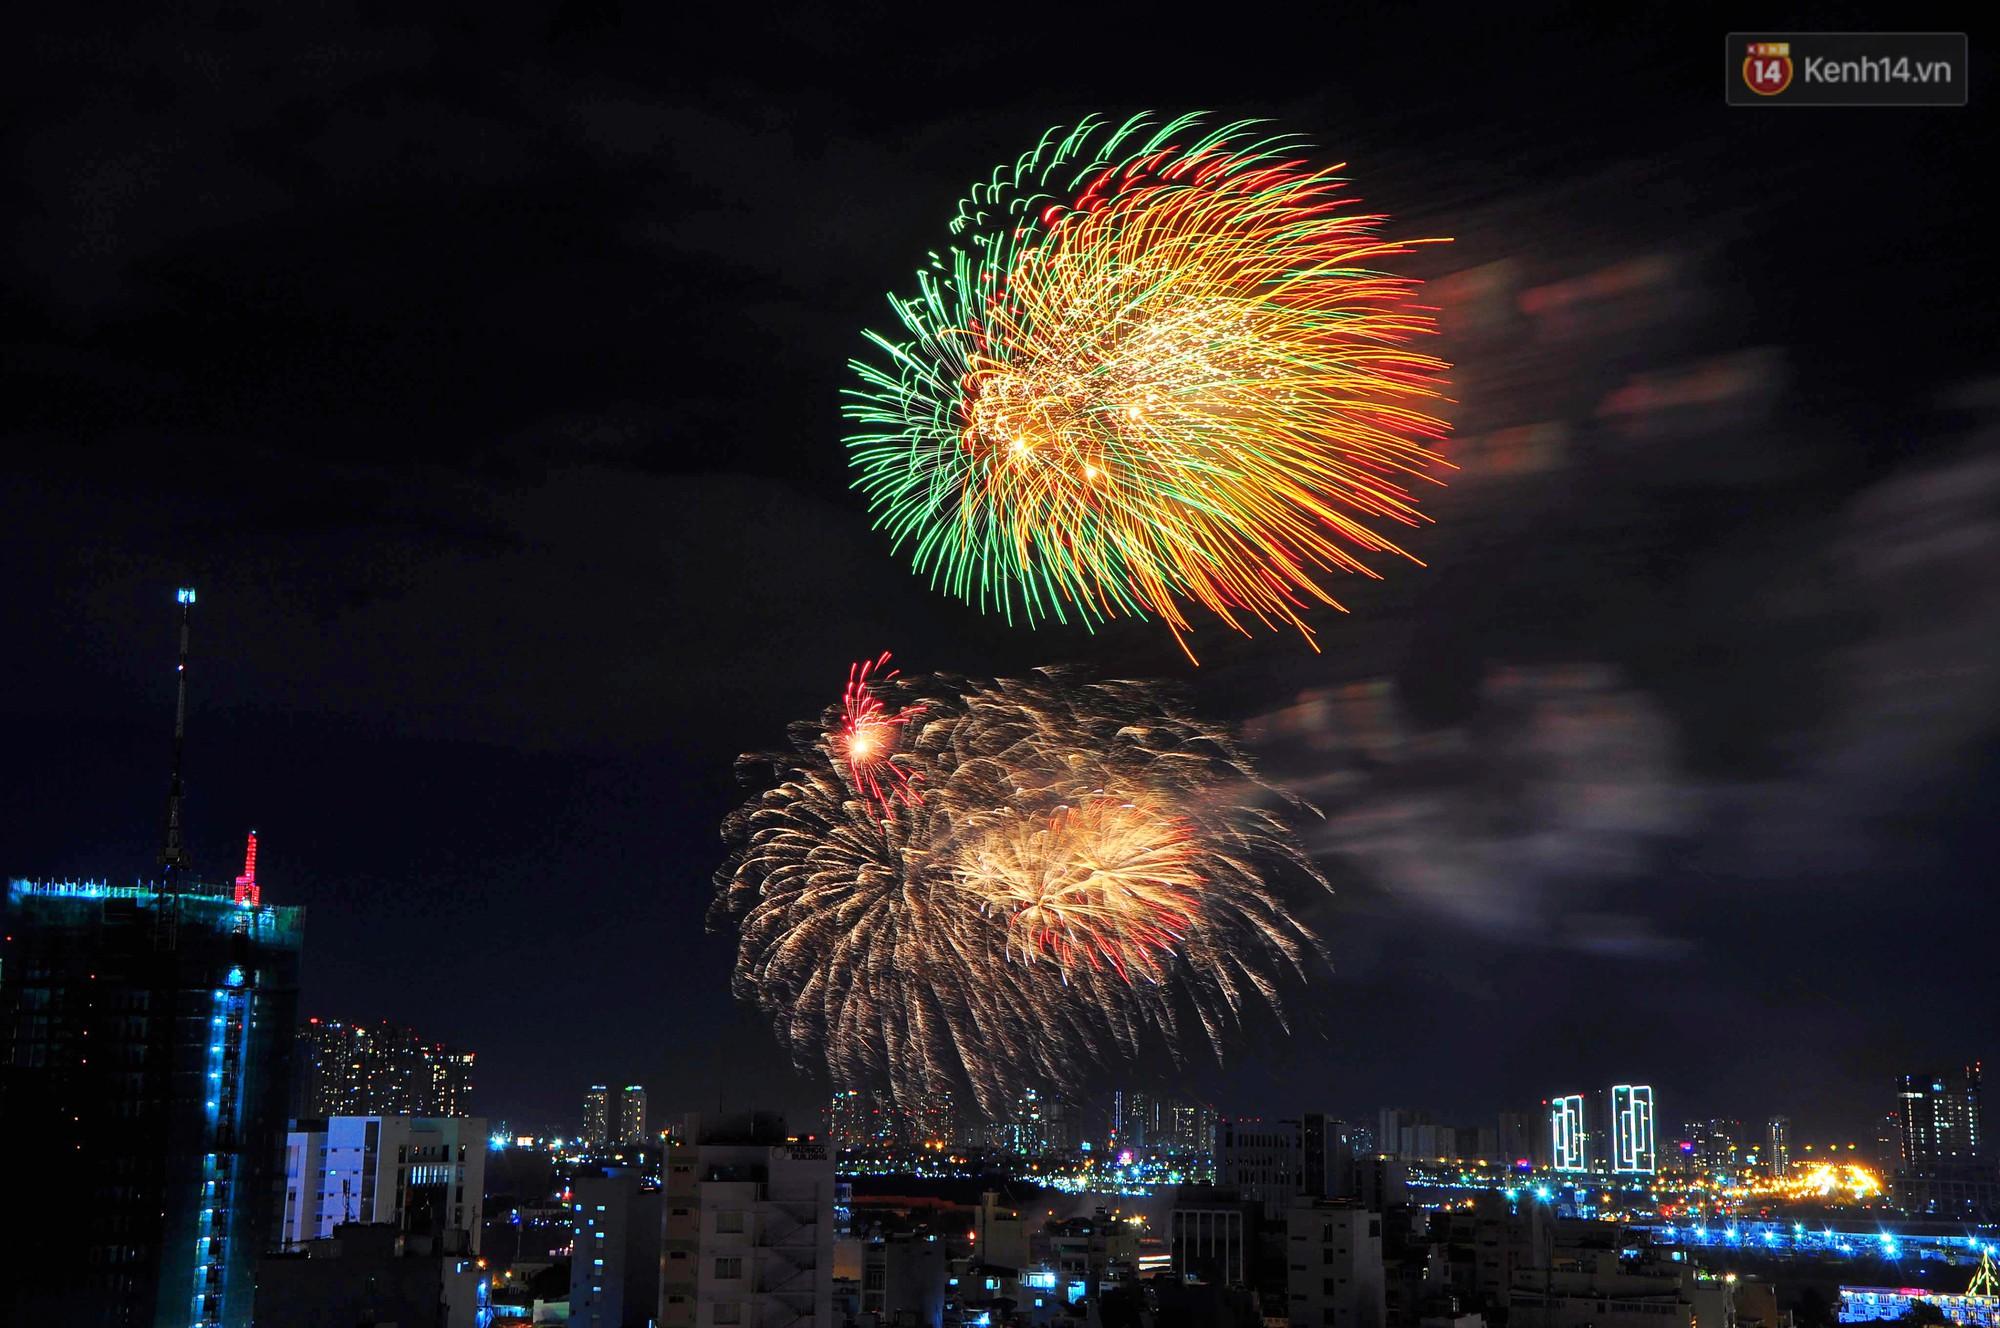 Pháo hoa đầy màu sắc sáng rực trời đêm, Sài Gòn hân hoan đón chào năm mới 2019 - Ảnh 4.